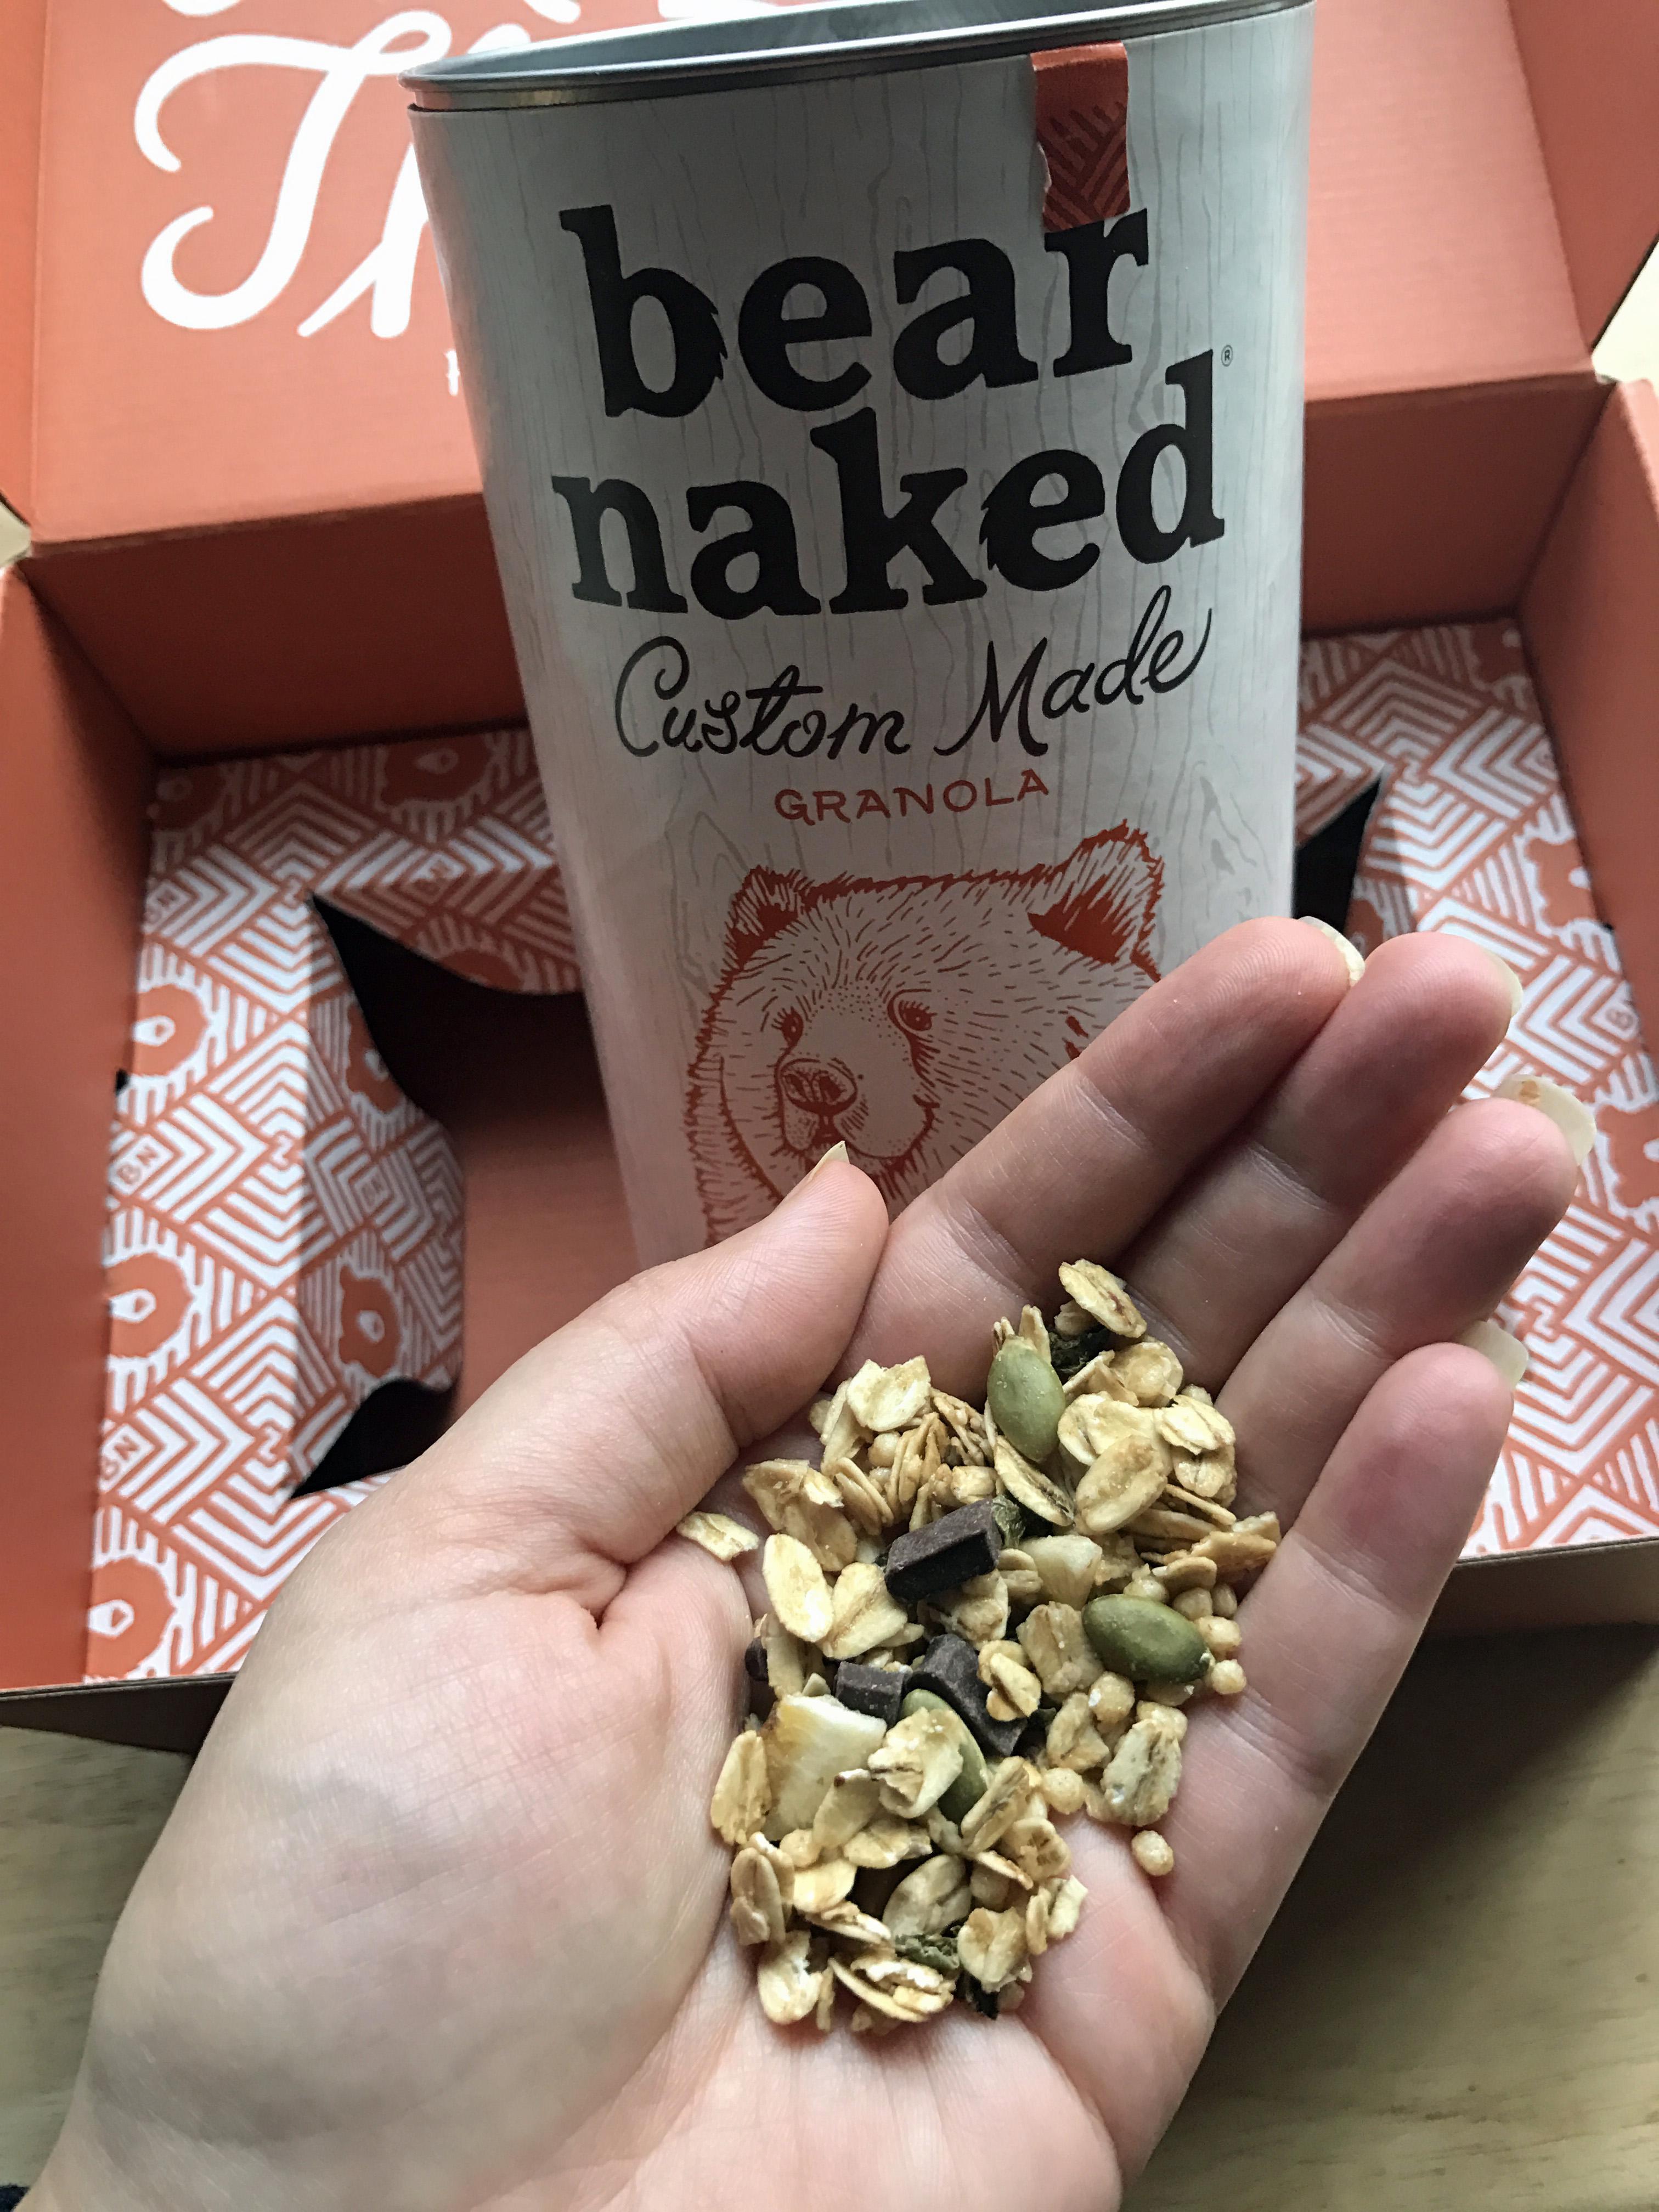 Custom Bear Naked Granola